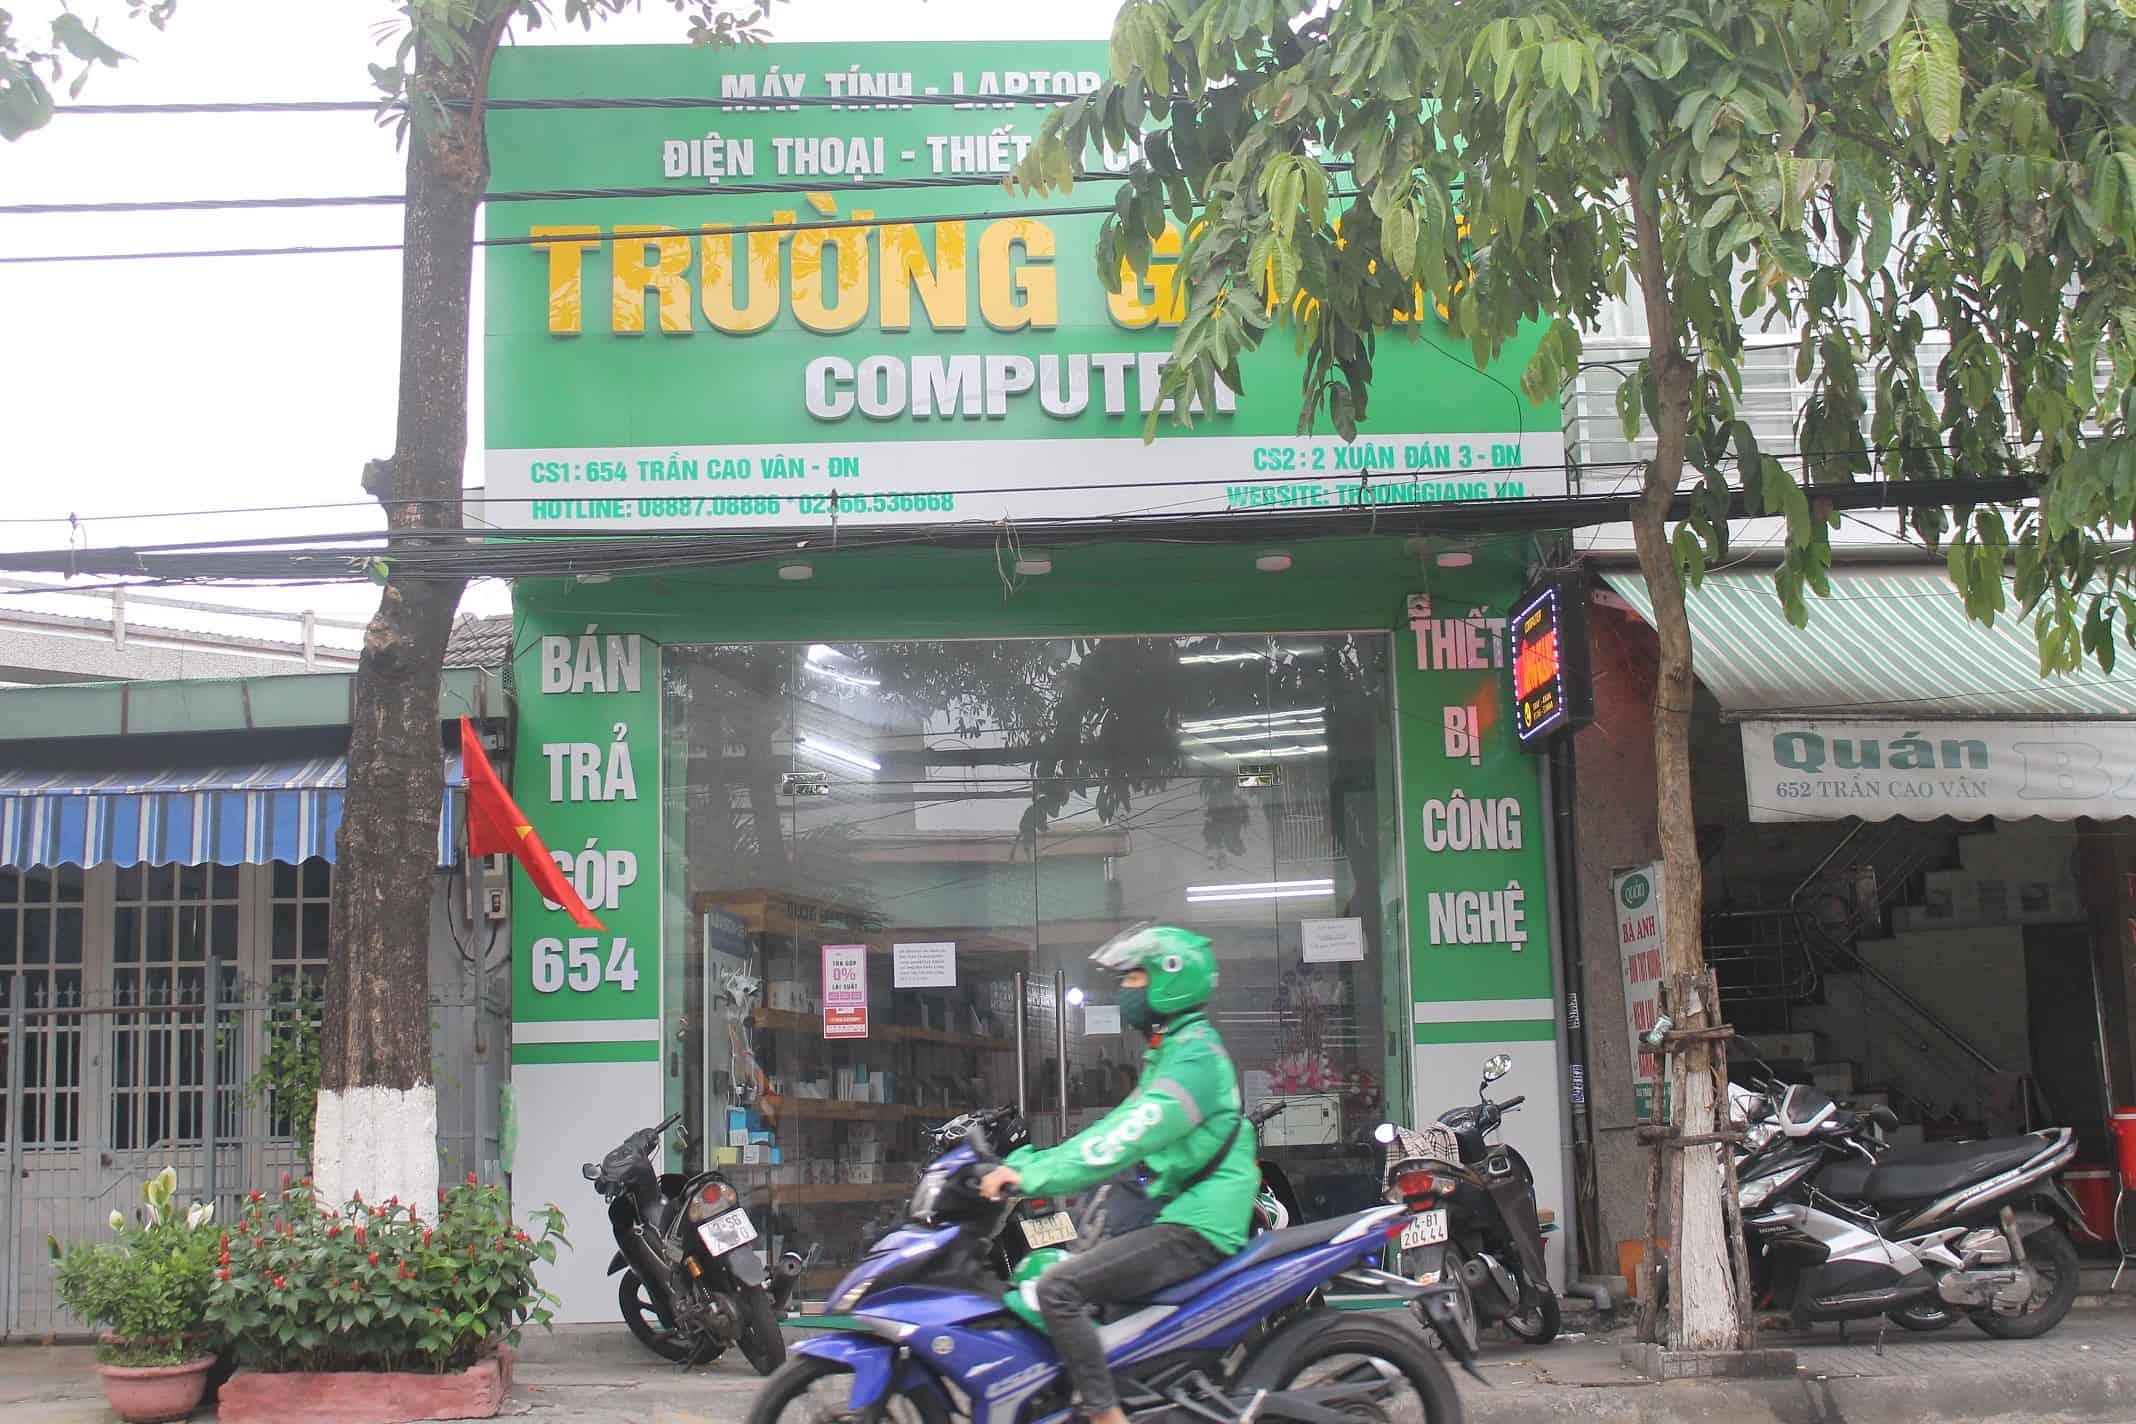 của hàng sửa máy tính tại nhà Đà Nẵng